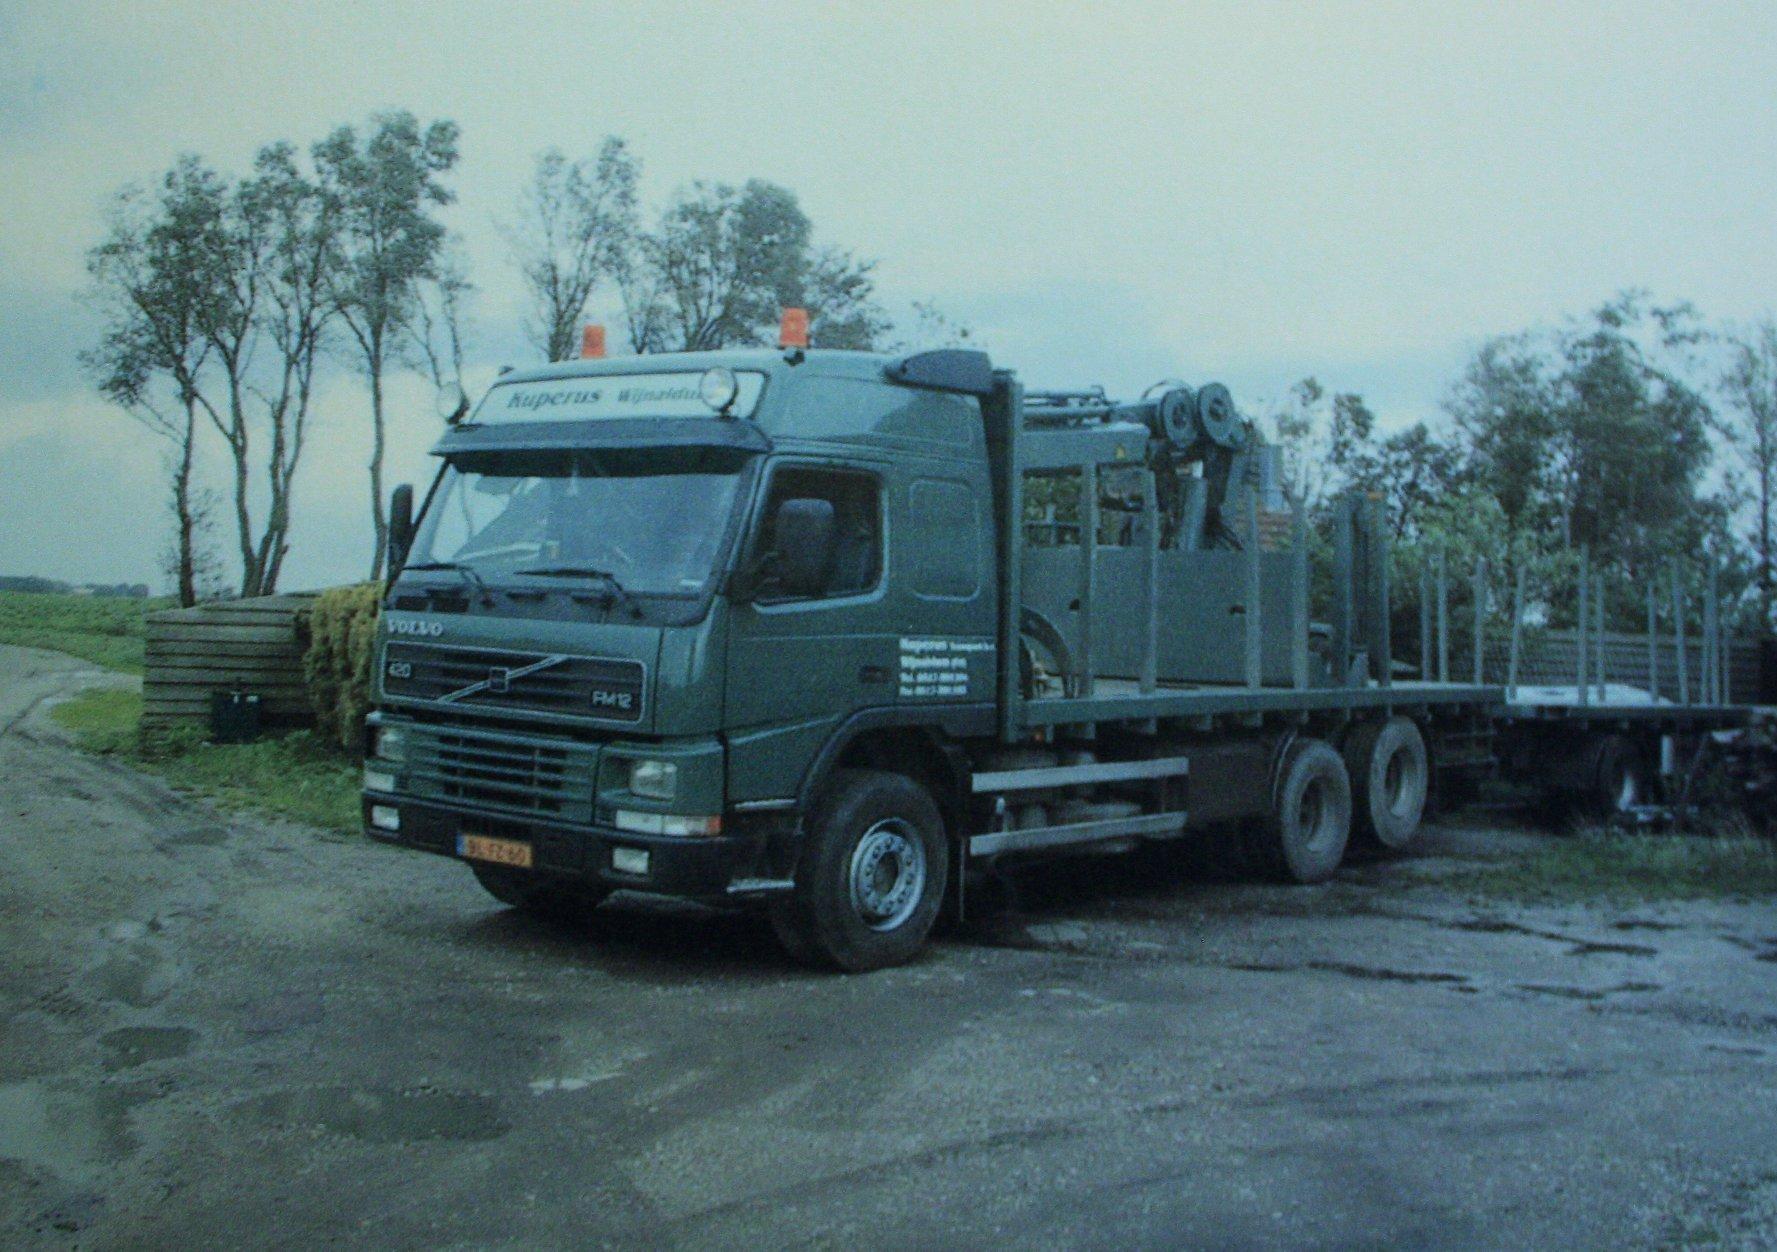 Volvo-FM-12-420-PK-die-J-Kuperus-gehad-heeft-tot-de-dag-dat-hij-met-het-bedrijf-in-Wijnaldum-is-gestopt-op-26-Juli-2006